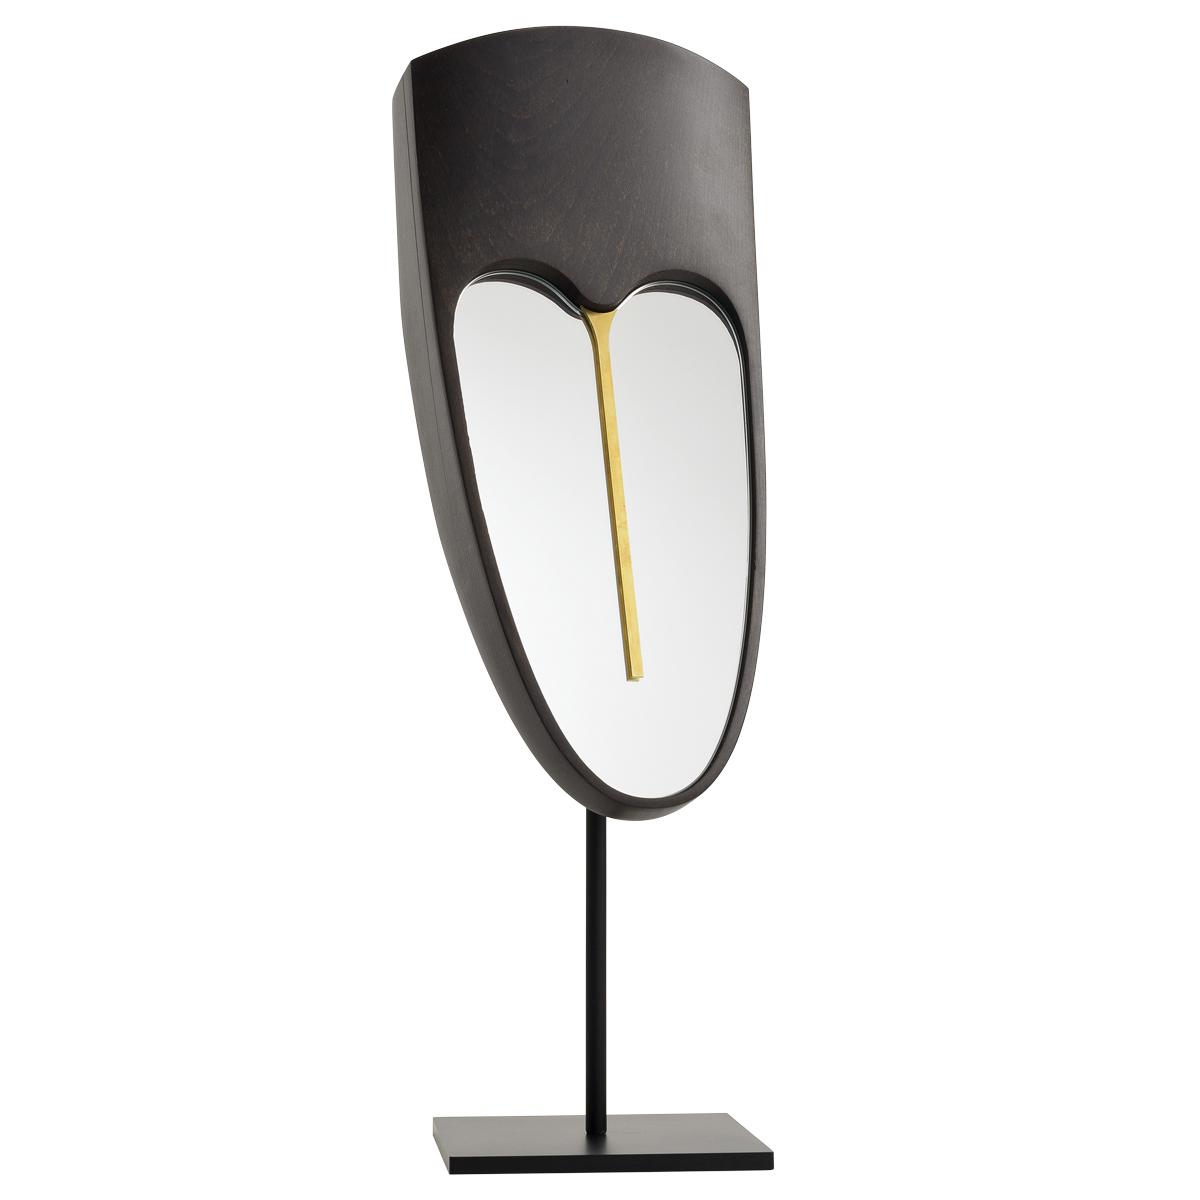 Specchio da appoggio Eze